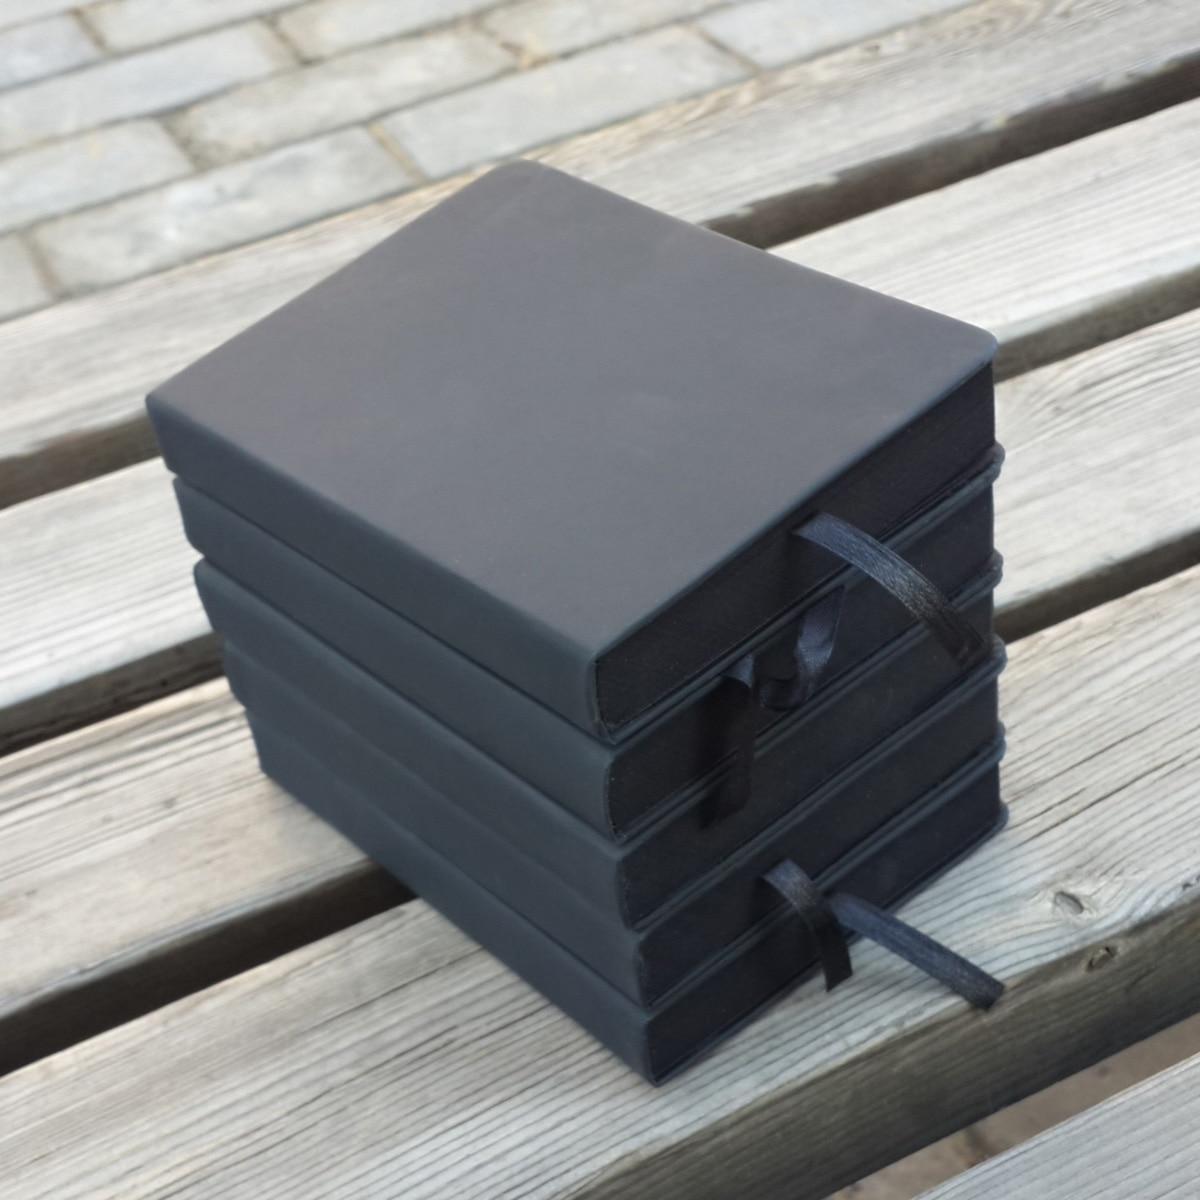 2019 A5 / A6 לכסות נייר מכתבים נייר פנקס DIY יומן ריק שחור יצירתי חמוד גרפיטי מחברת הערה הספר נייר סקיצה הספר